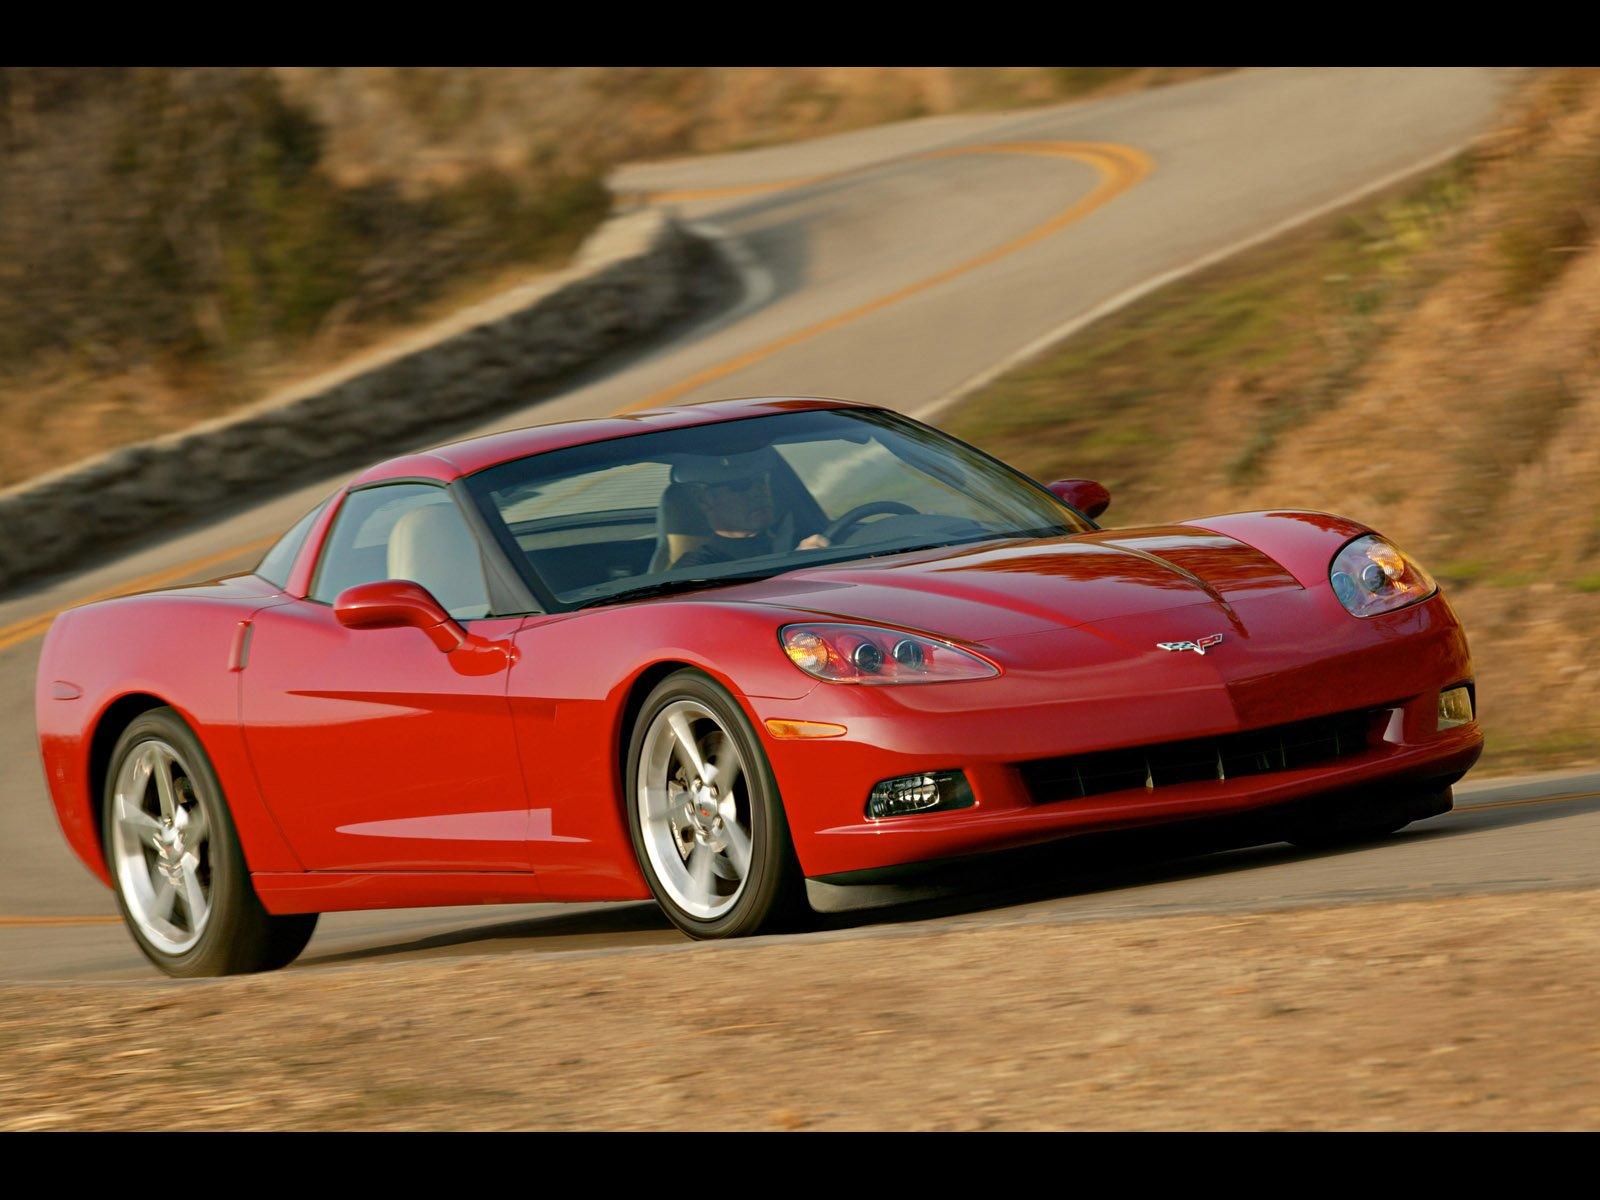 http://3.bp.blogspot.com/-k-ADYDISj6Q/T2HFxxi3gAI/AAAAAAAABe4/OGsQgwc3LlE/s1600/Chevrolet-Corvette-C6-20-F477OG7MLC-1600x1200.jpg